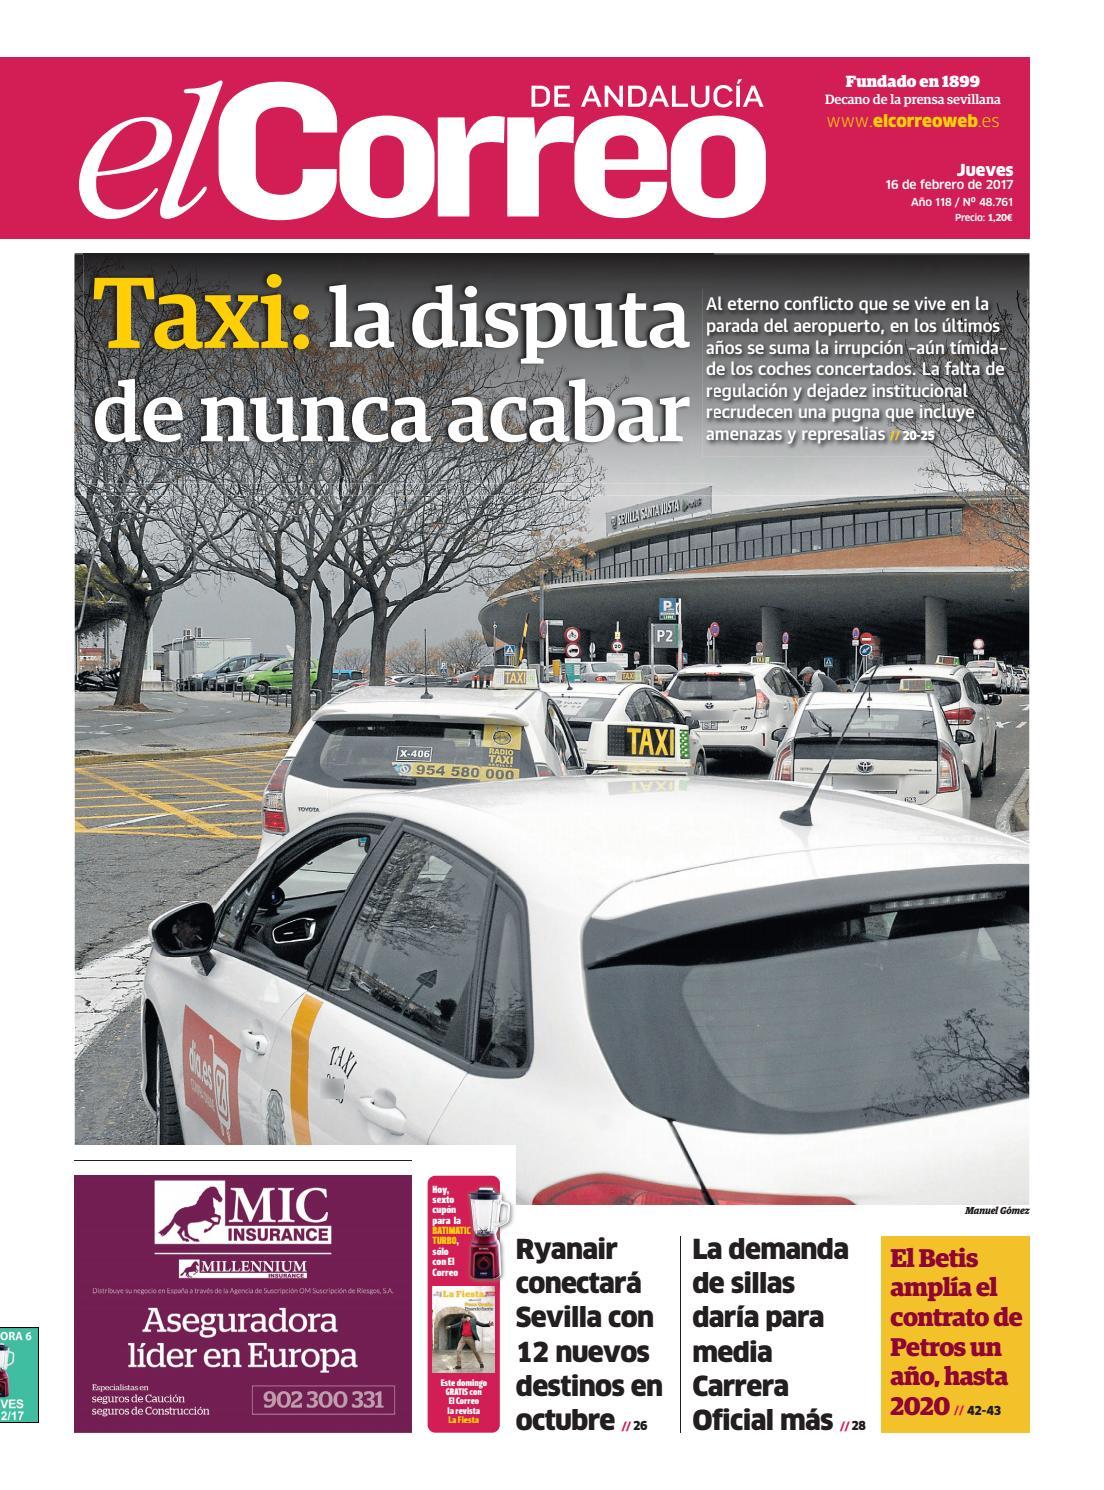 16 02 2017 El Correo de Andalucía by EL CORREO DE ANDALUCÍA S.L. - issuu